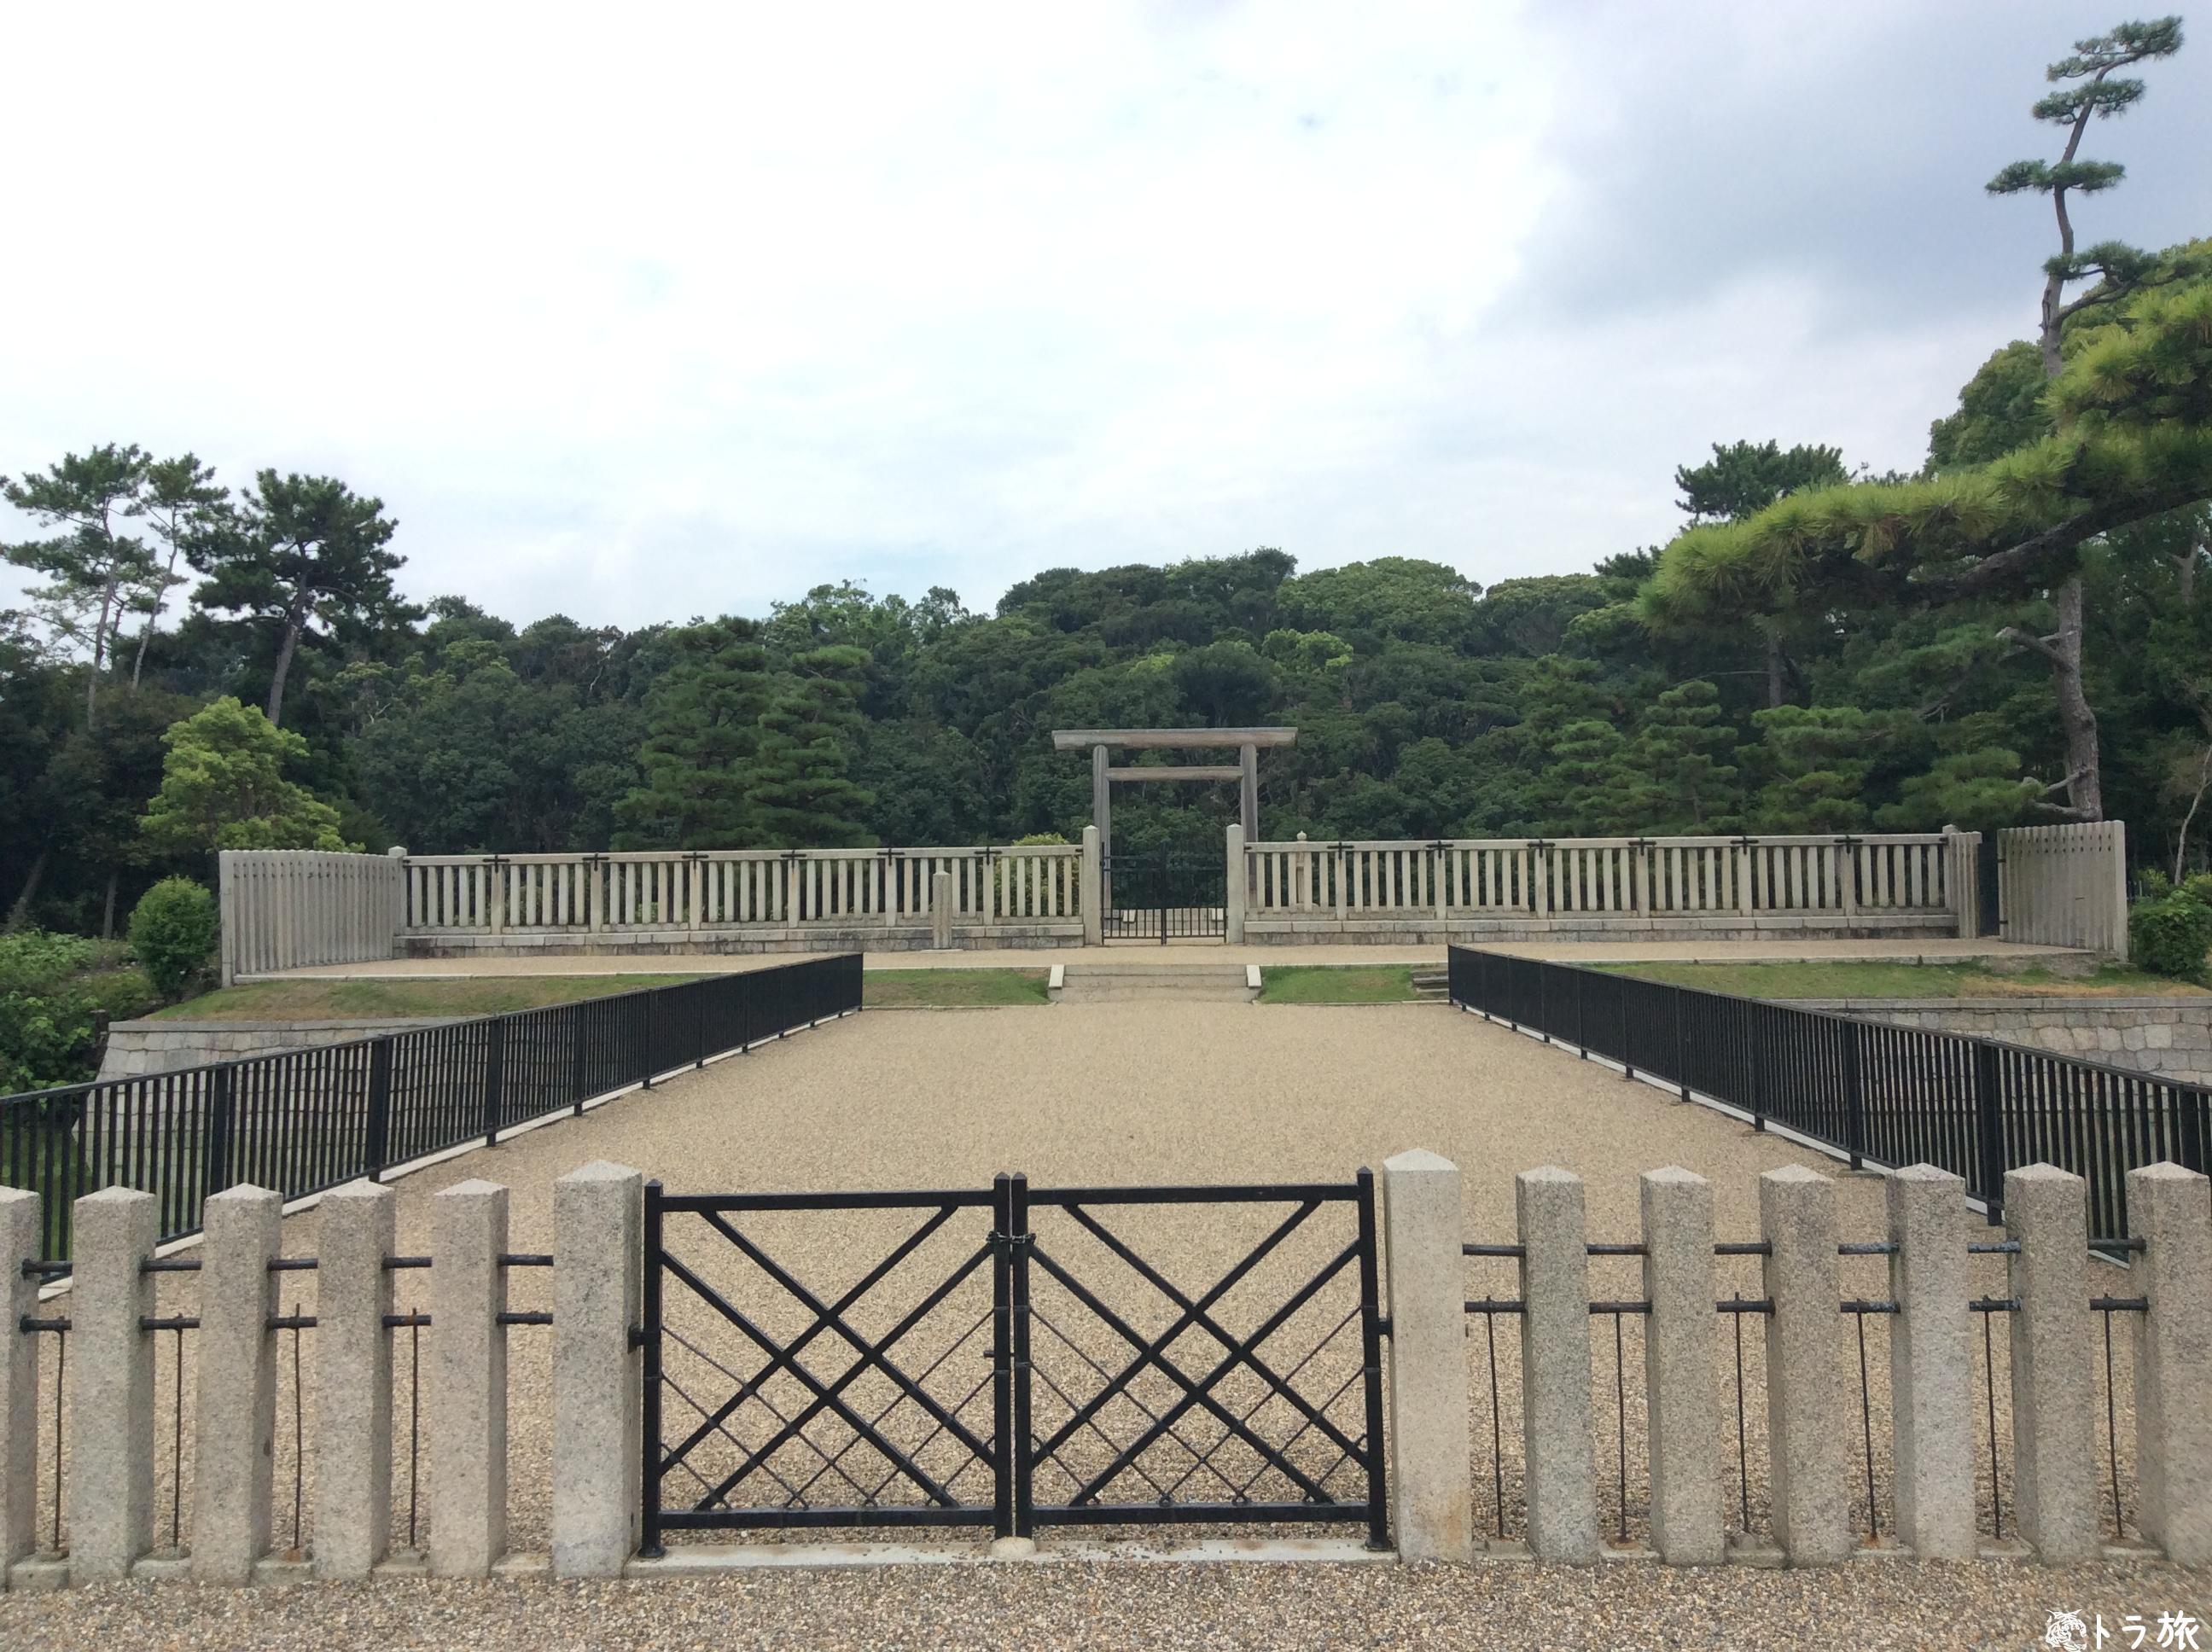 仁徳天皇の前方後円墳は上から見るか横から見るか